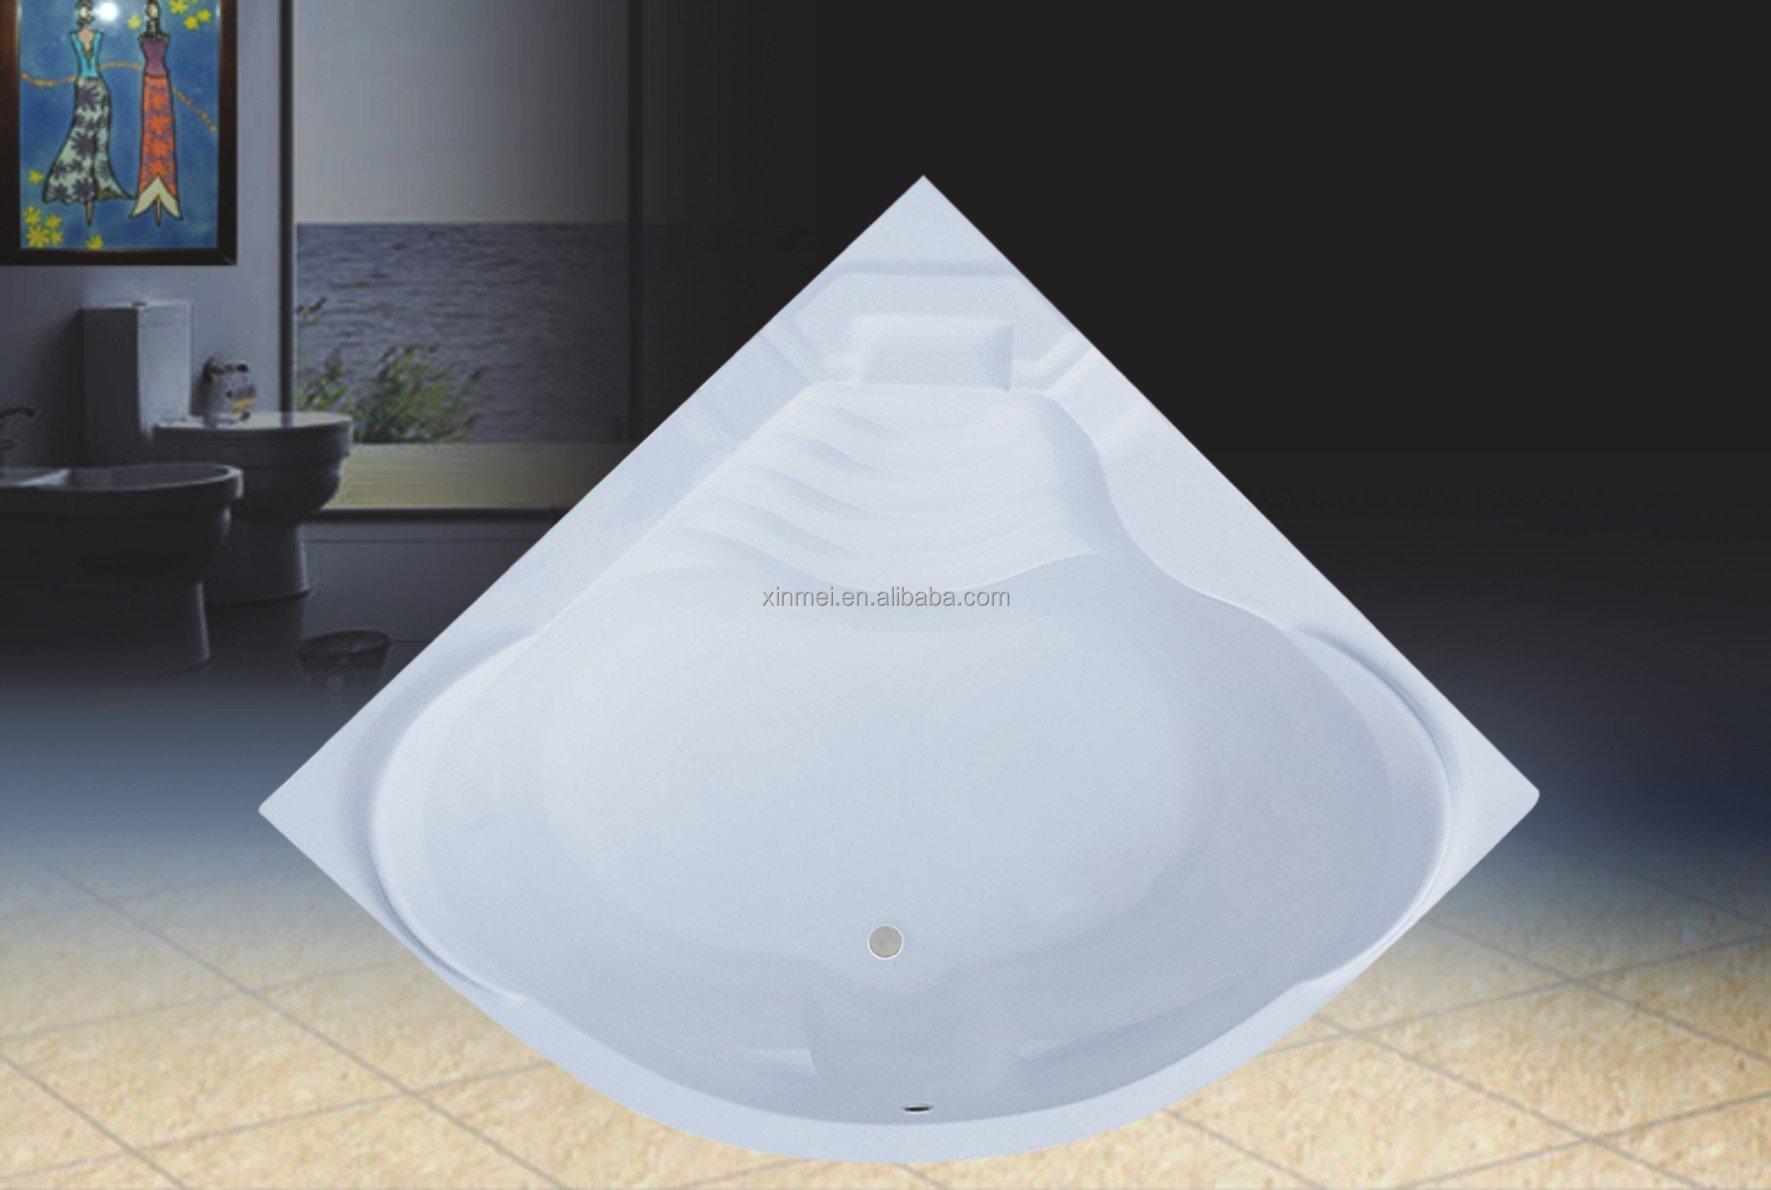 Round Bathtub Price, Round Bathtub Price Suppliers and Manufacturers ...